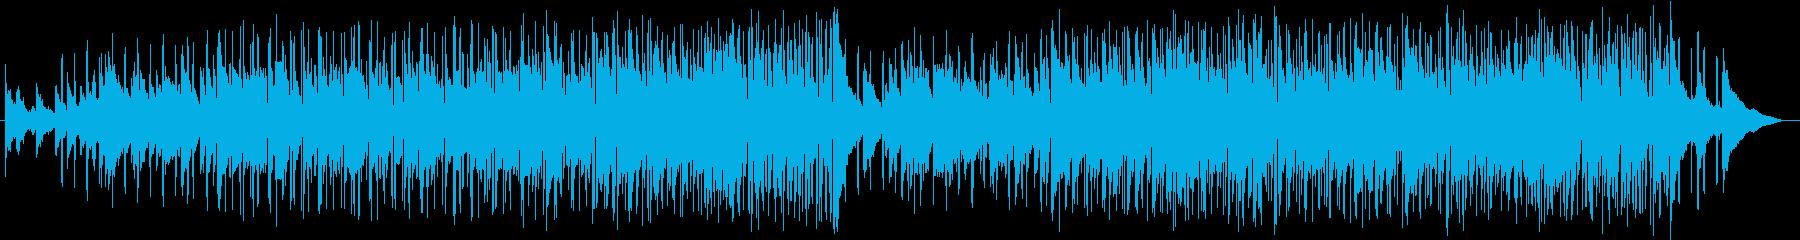 明るくムードあるミュージックの再生済みの波形